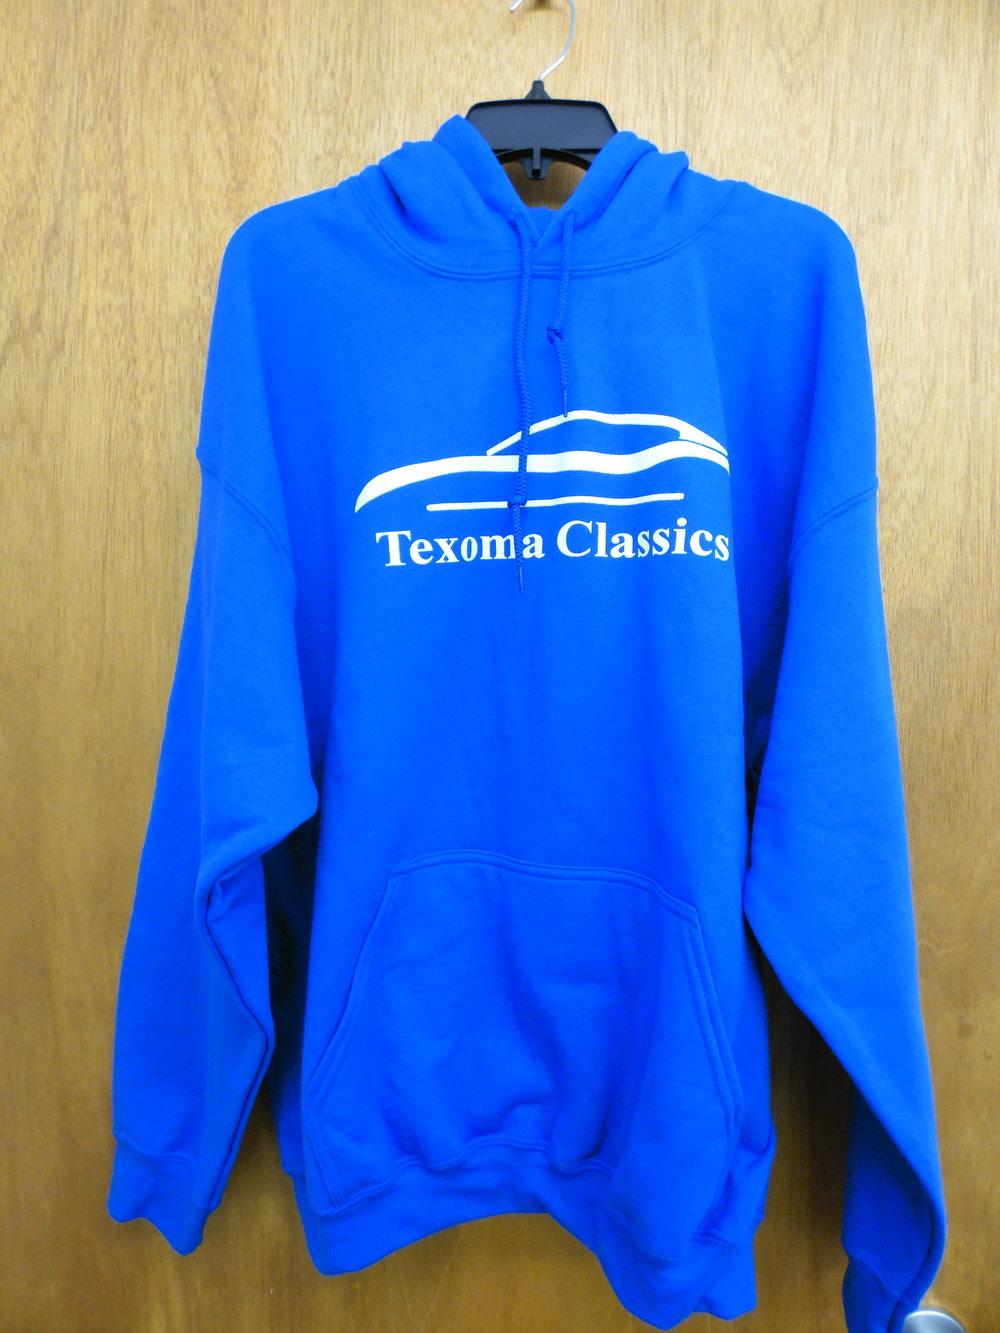 Texoma Classics Hoodie